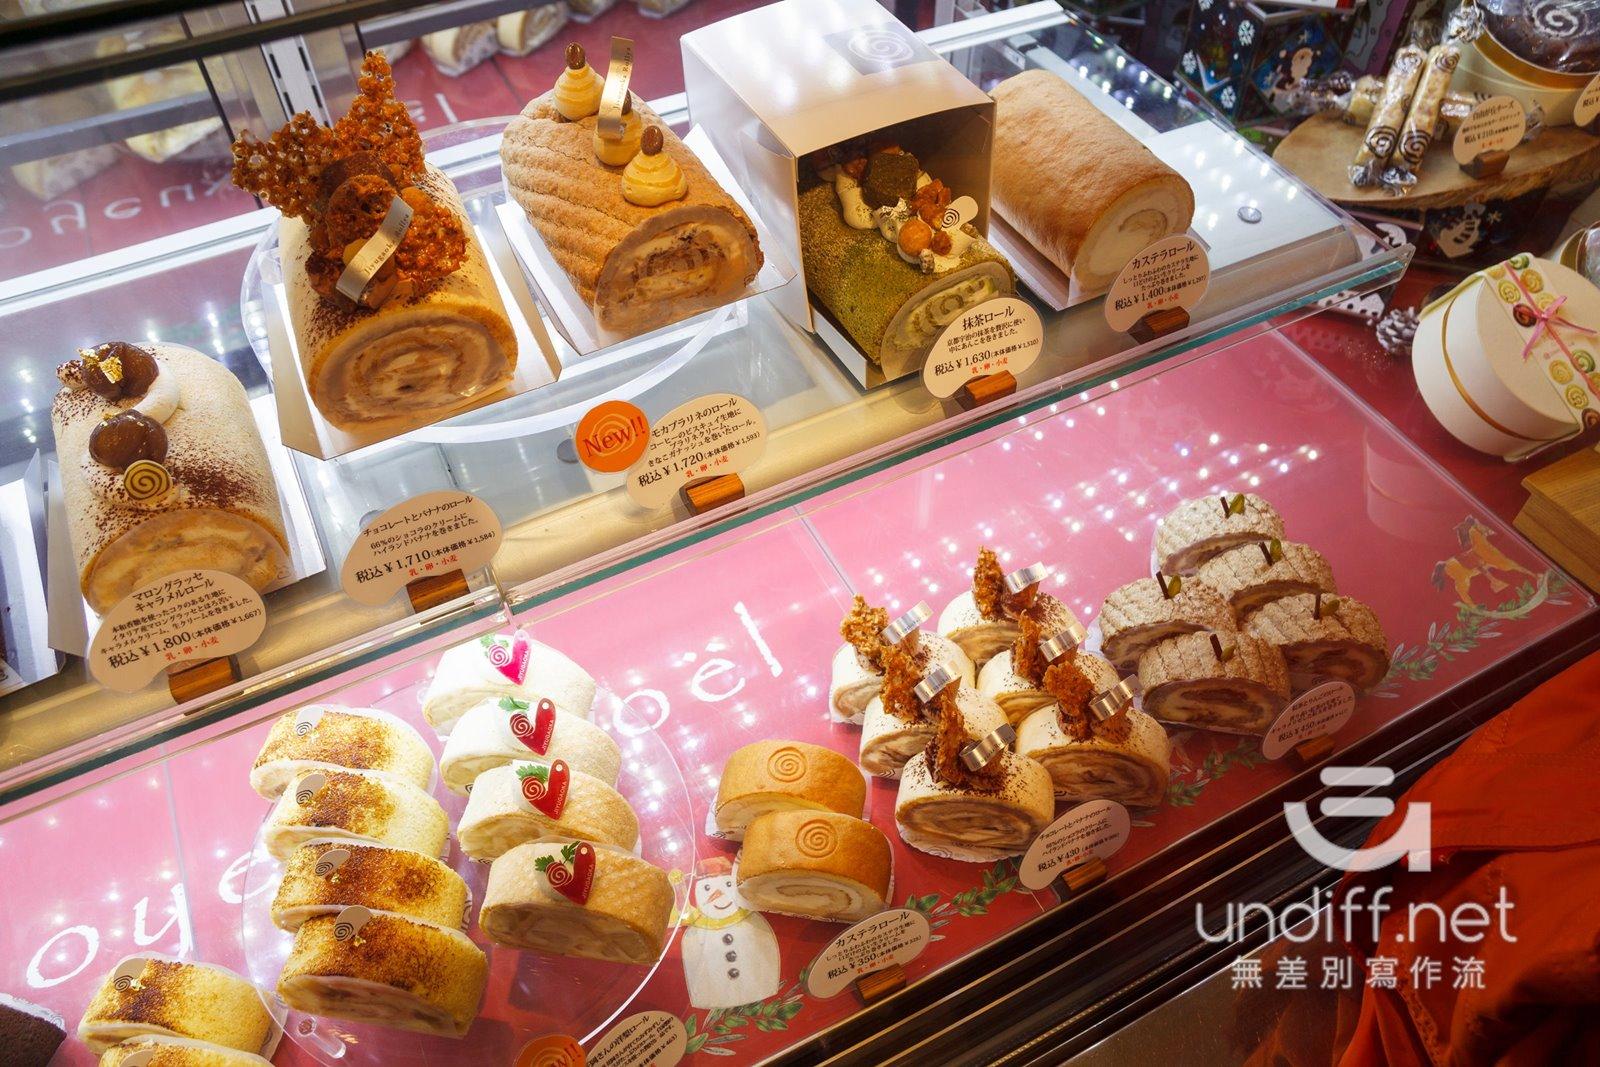 【東京美食】自由之丘 ロール屋 》樸實就很好吃的瑞士蛋糕捲專賣店 6